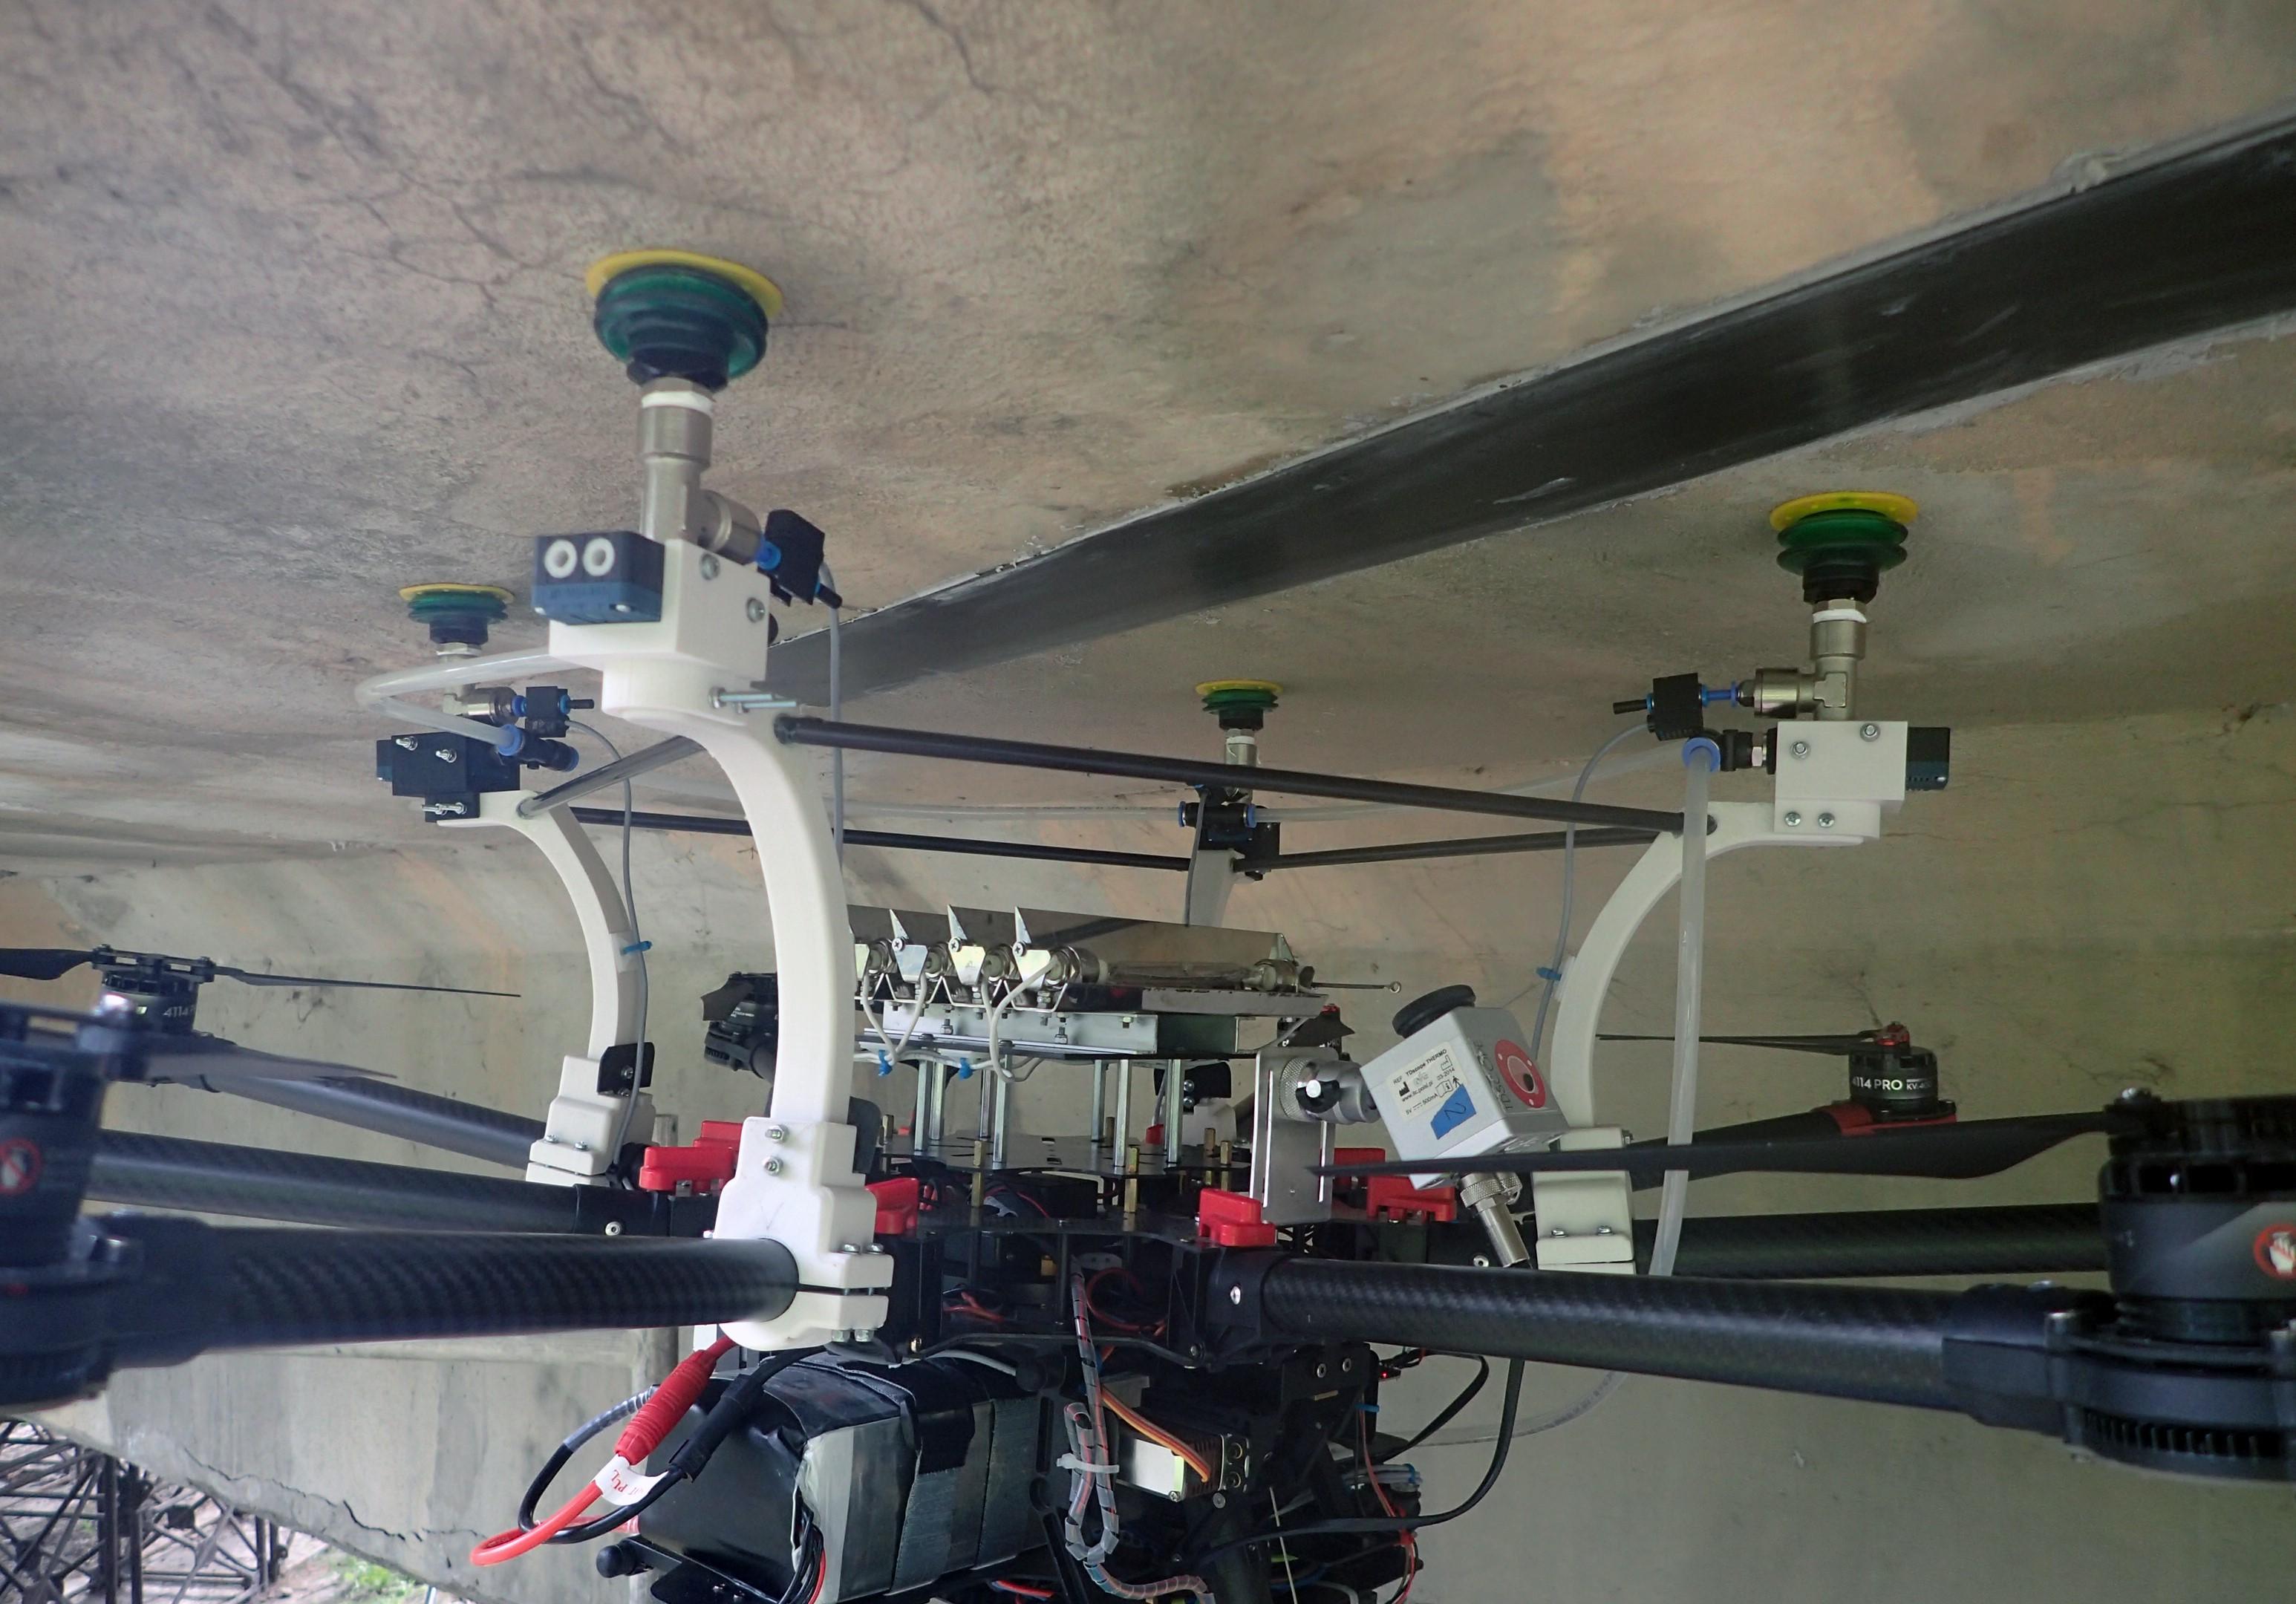 Badania in situ, na wiadukcie drogowym.Diagnostyka jakości zespolenia wzmocnień FRP z powierzchnią betonu z wykorzystaniem kamery termowizyjnej